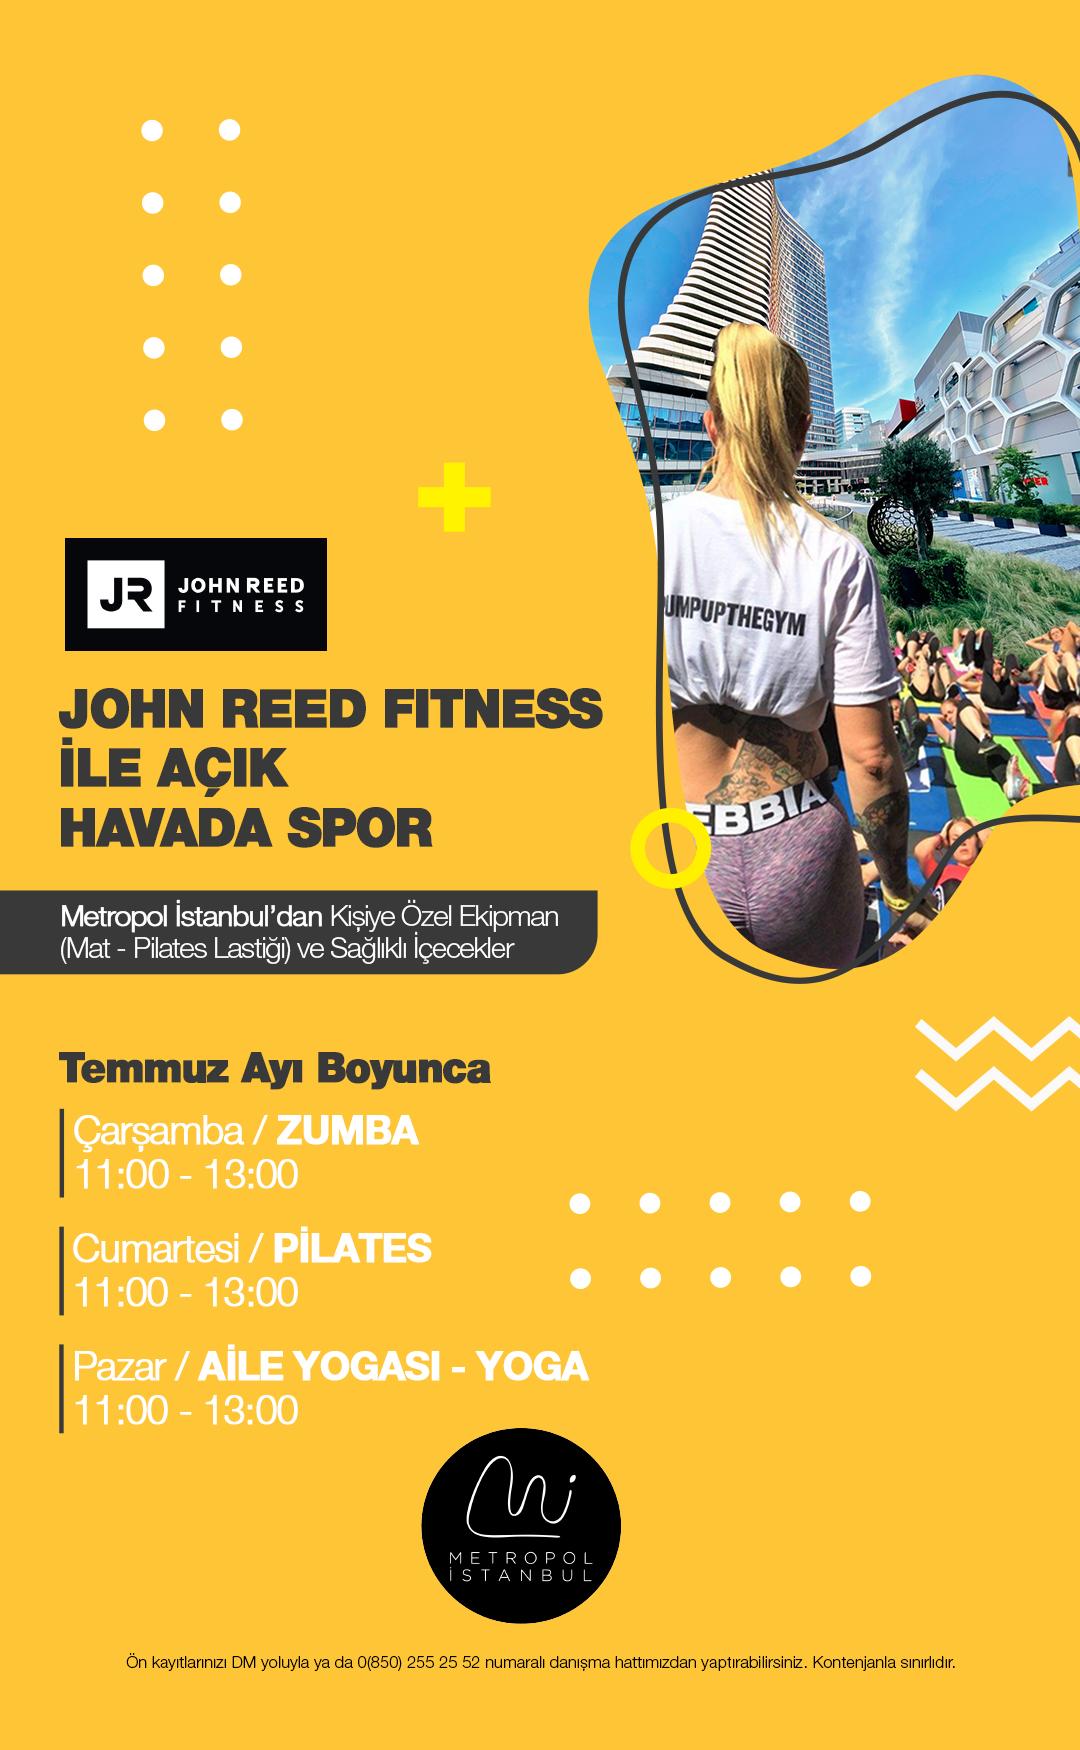 John Reed Fitness ile Açık Havada Spor!